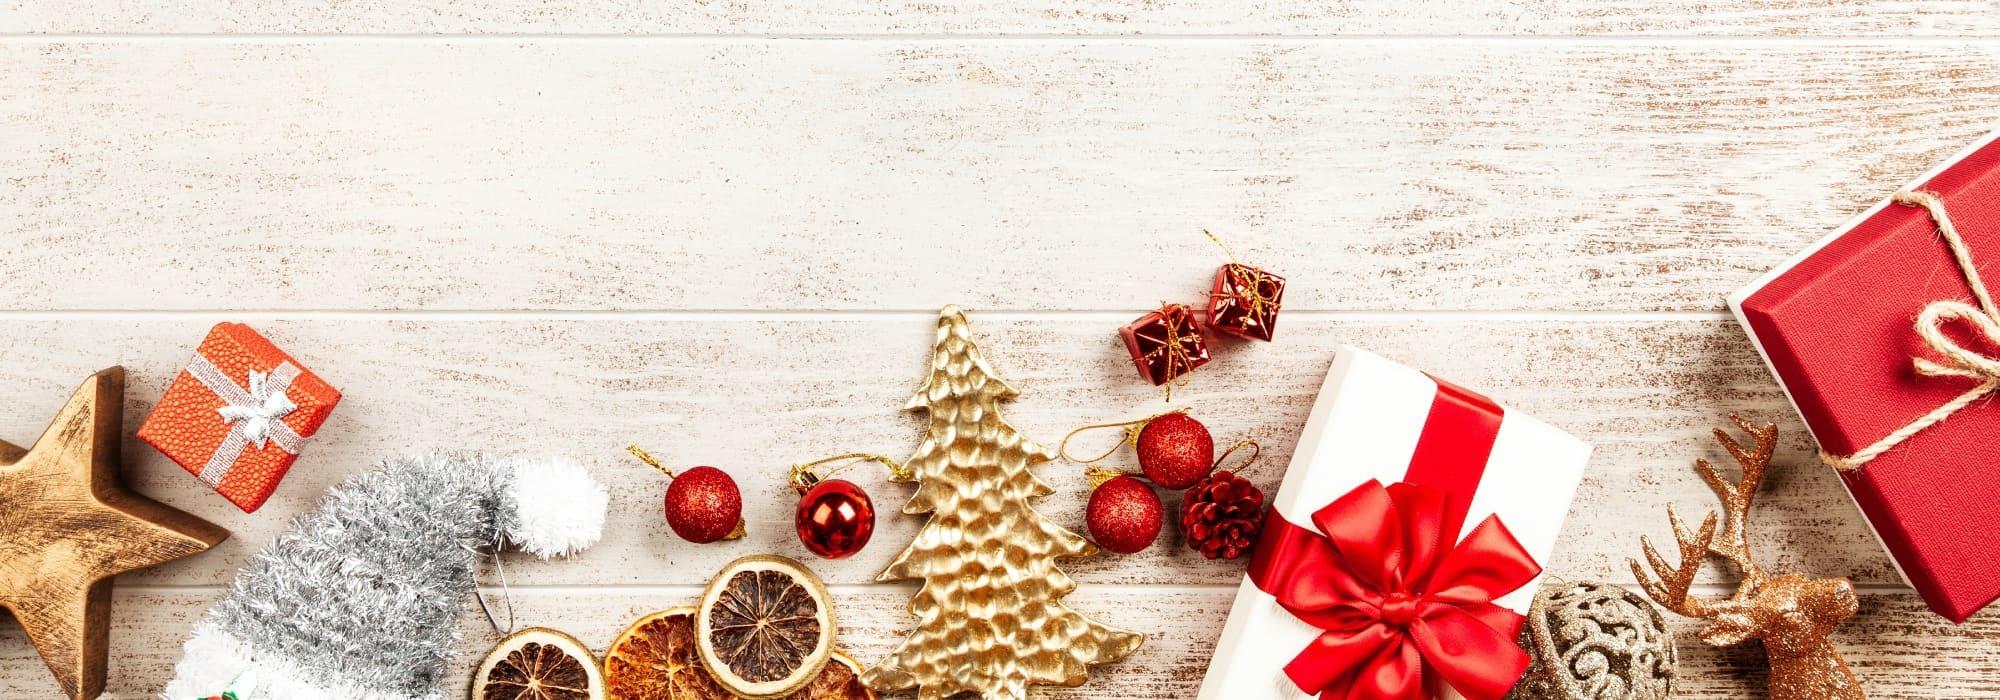 開Party聖誕禮物攻略|交換禮物推介清單|美食到會外賣服務|Kama Delivery Service